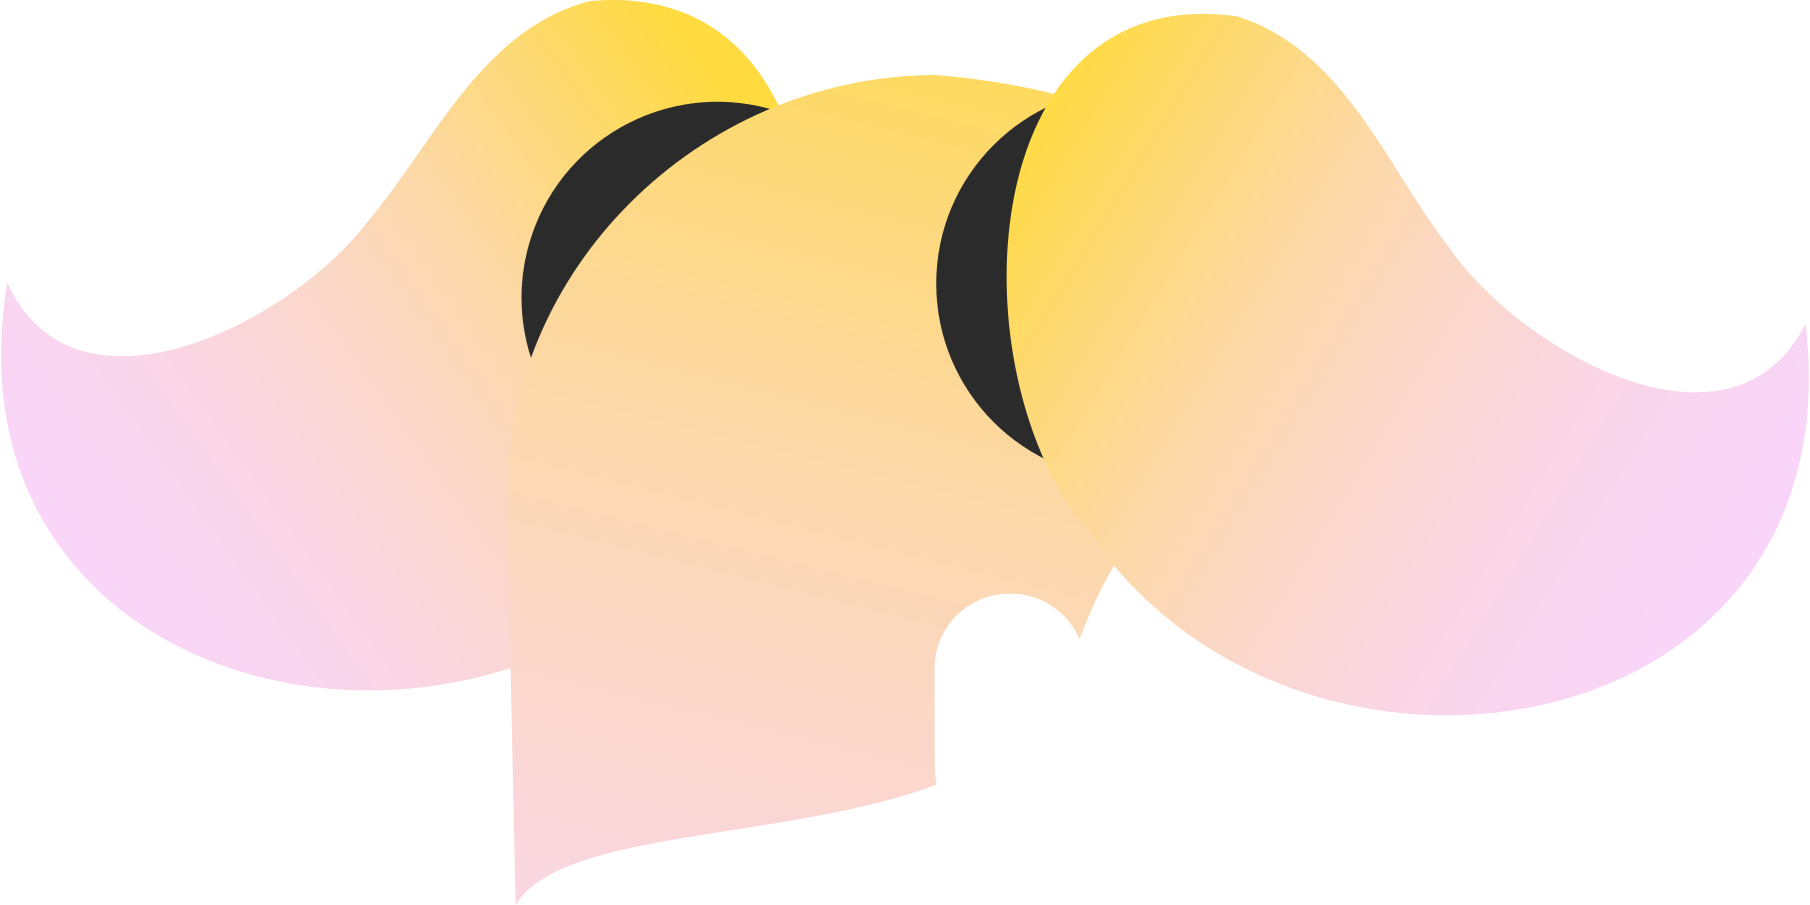 pigtails back Clipart illustration in PNG, SVG